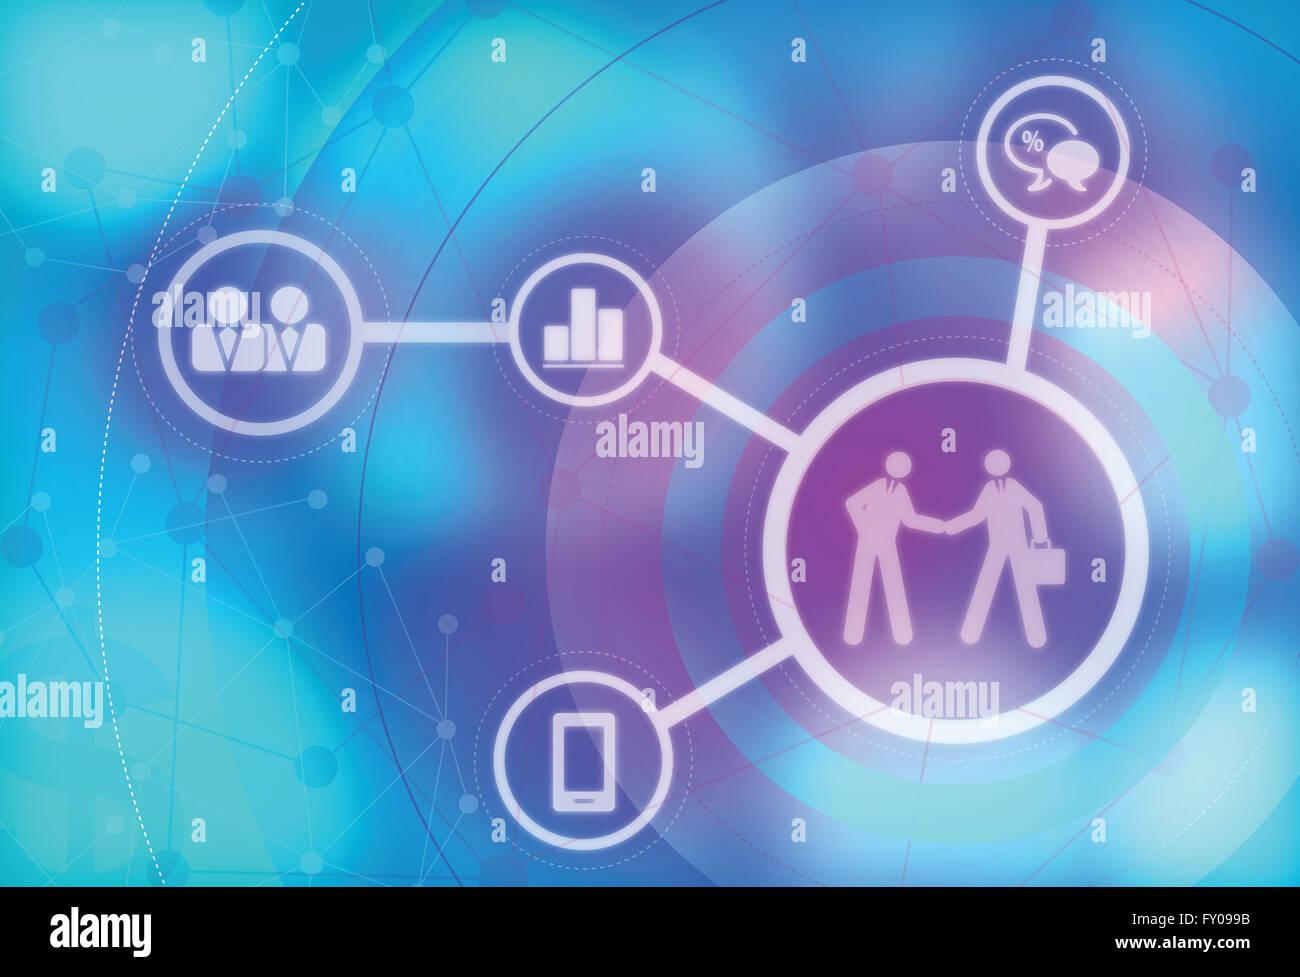 Immagine illustrativa di due imprenditori di chiusura della trattativa di business Immagini Stock